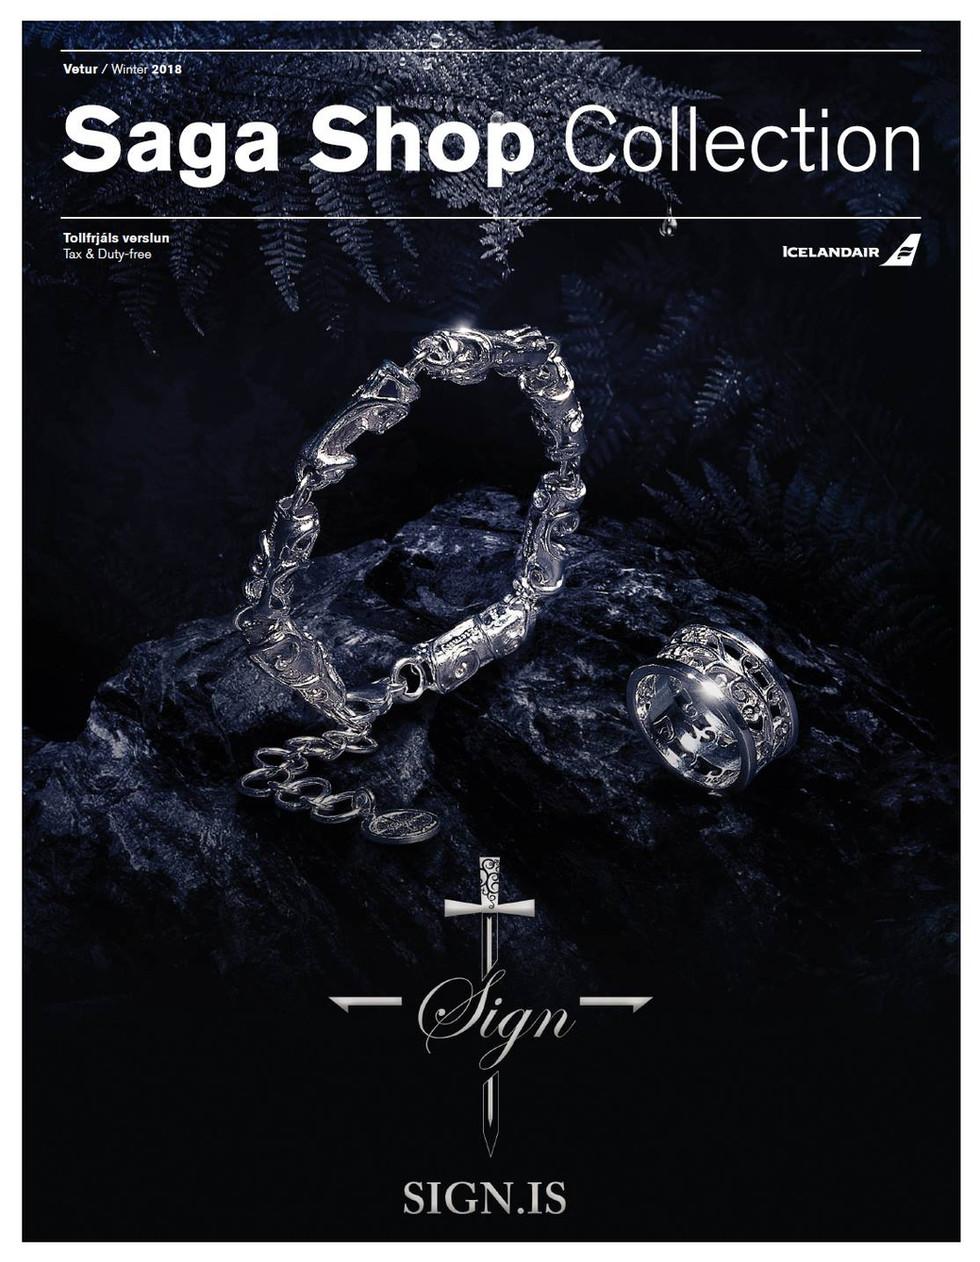 9.Sign-saga shop.jpg